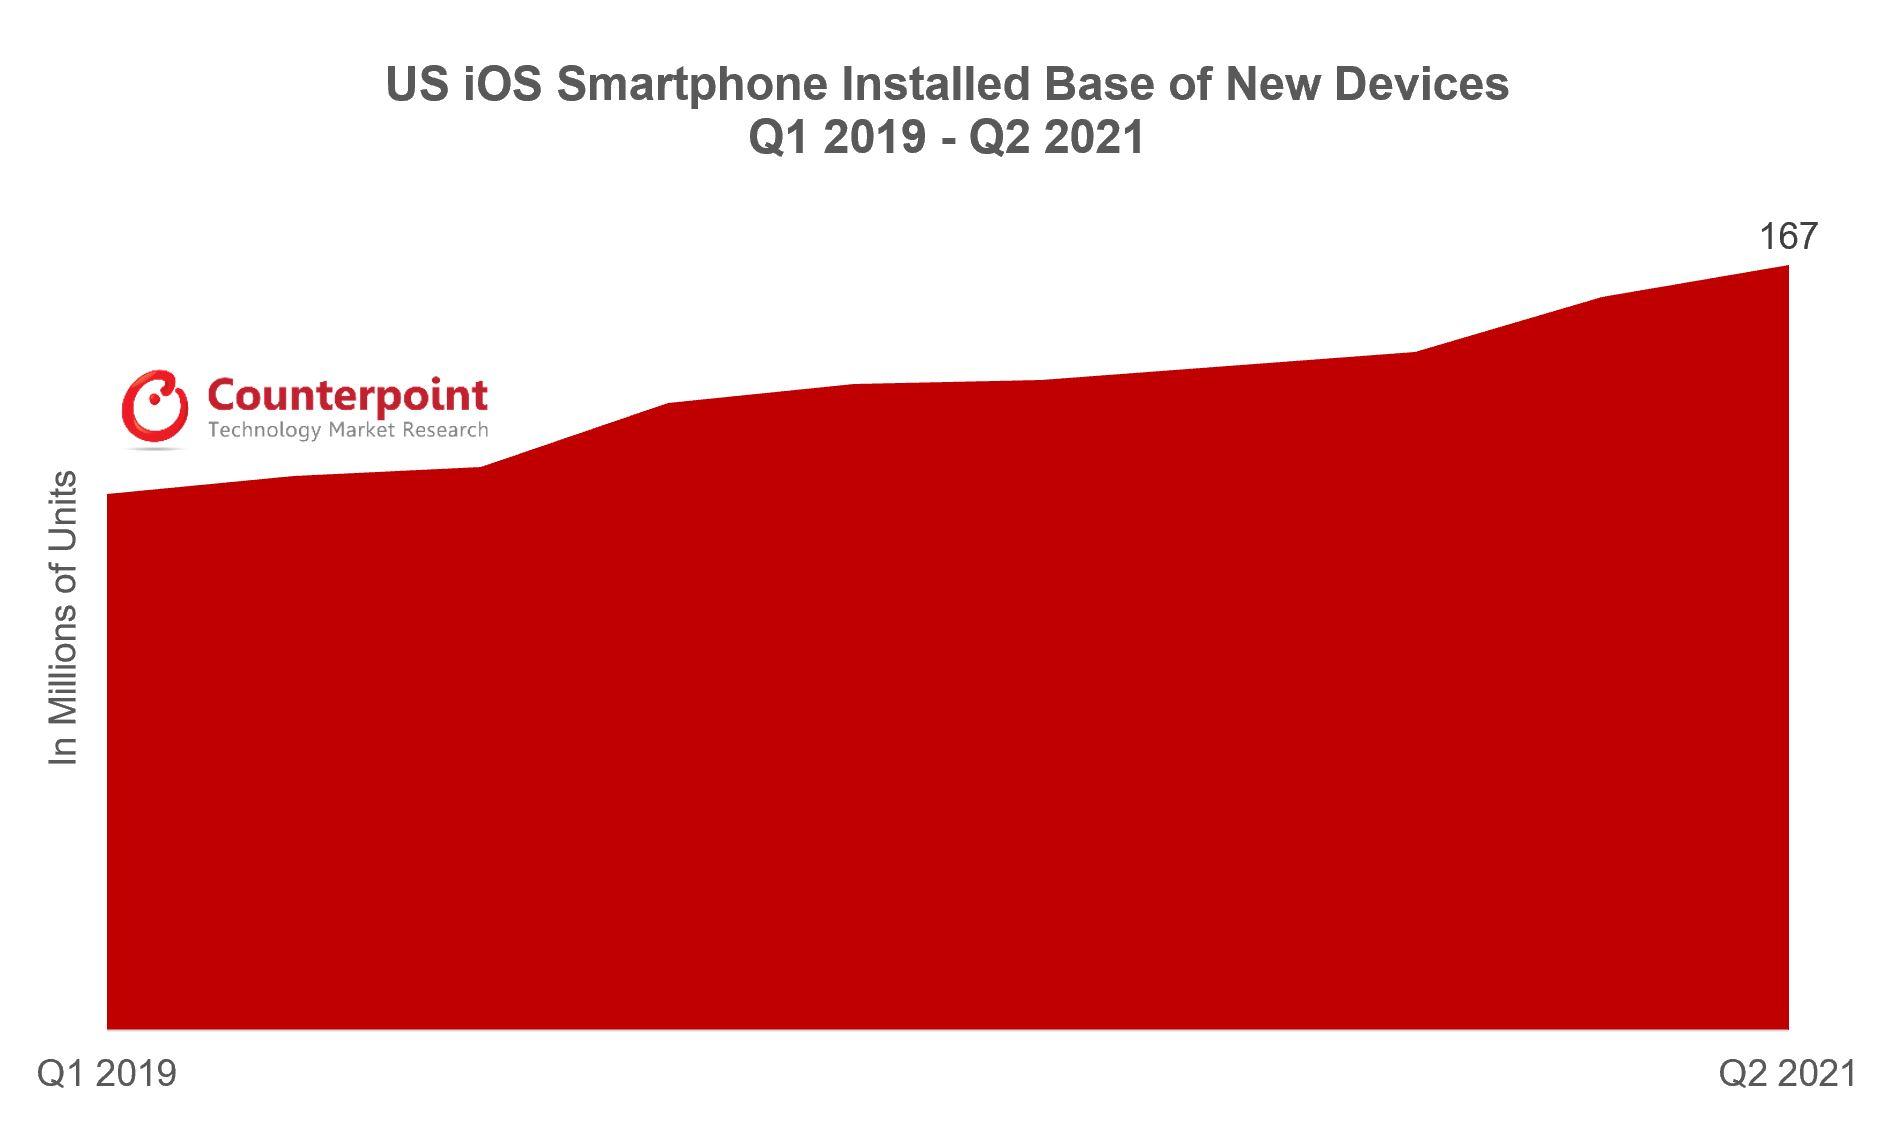 US iOS Installed Base